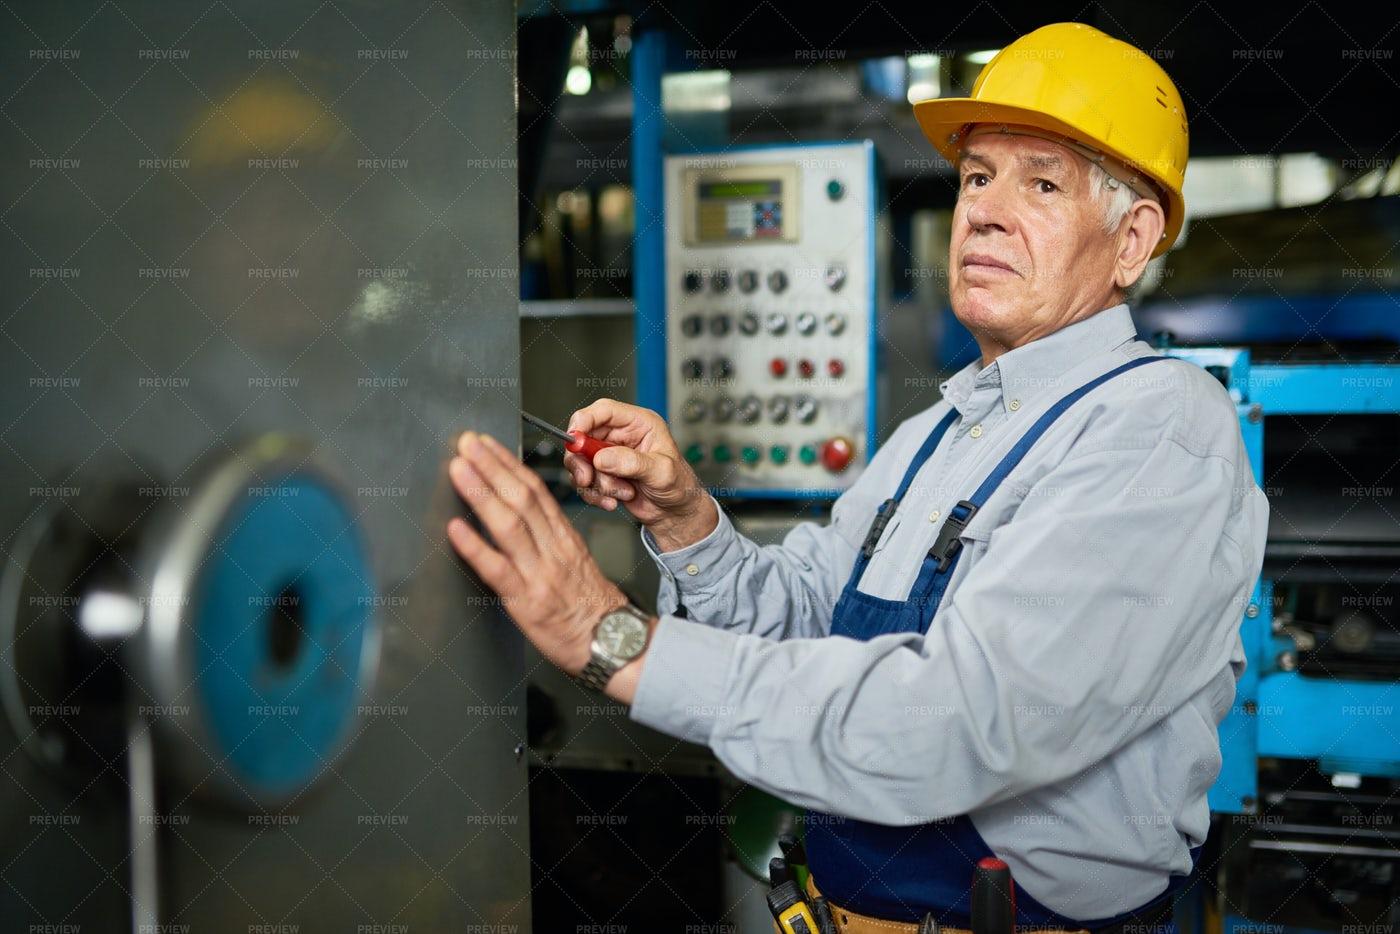 Senior Mechanic Repairing Machines: Stock Photos